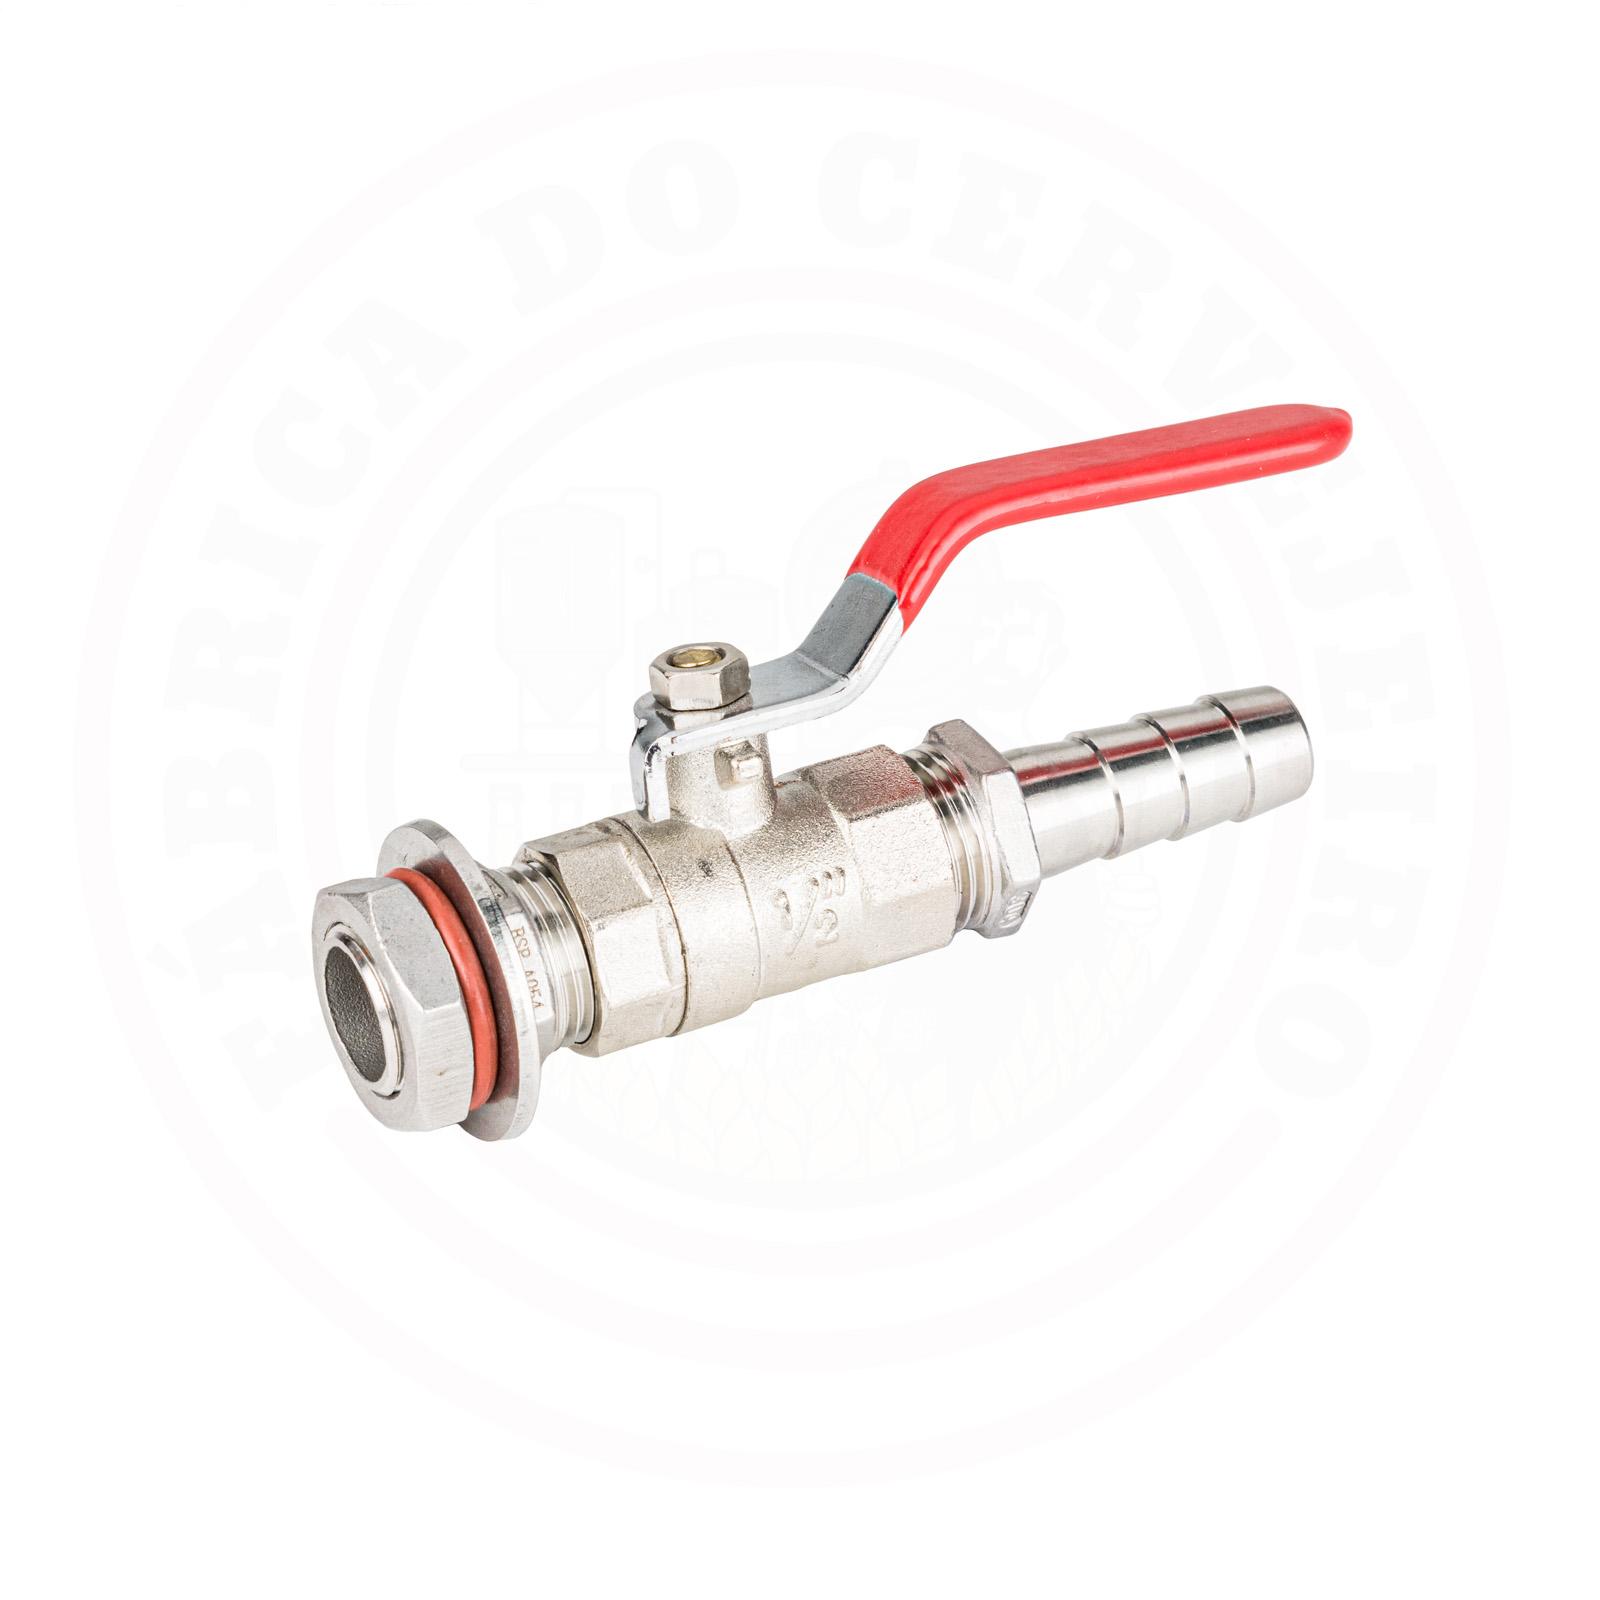 kit válvula / torneira latão cromado Monobloco de 1/2  com espigão para caldeirão / panela